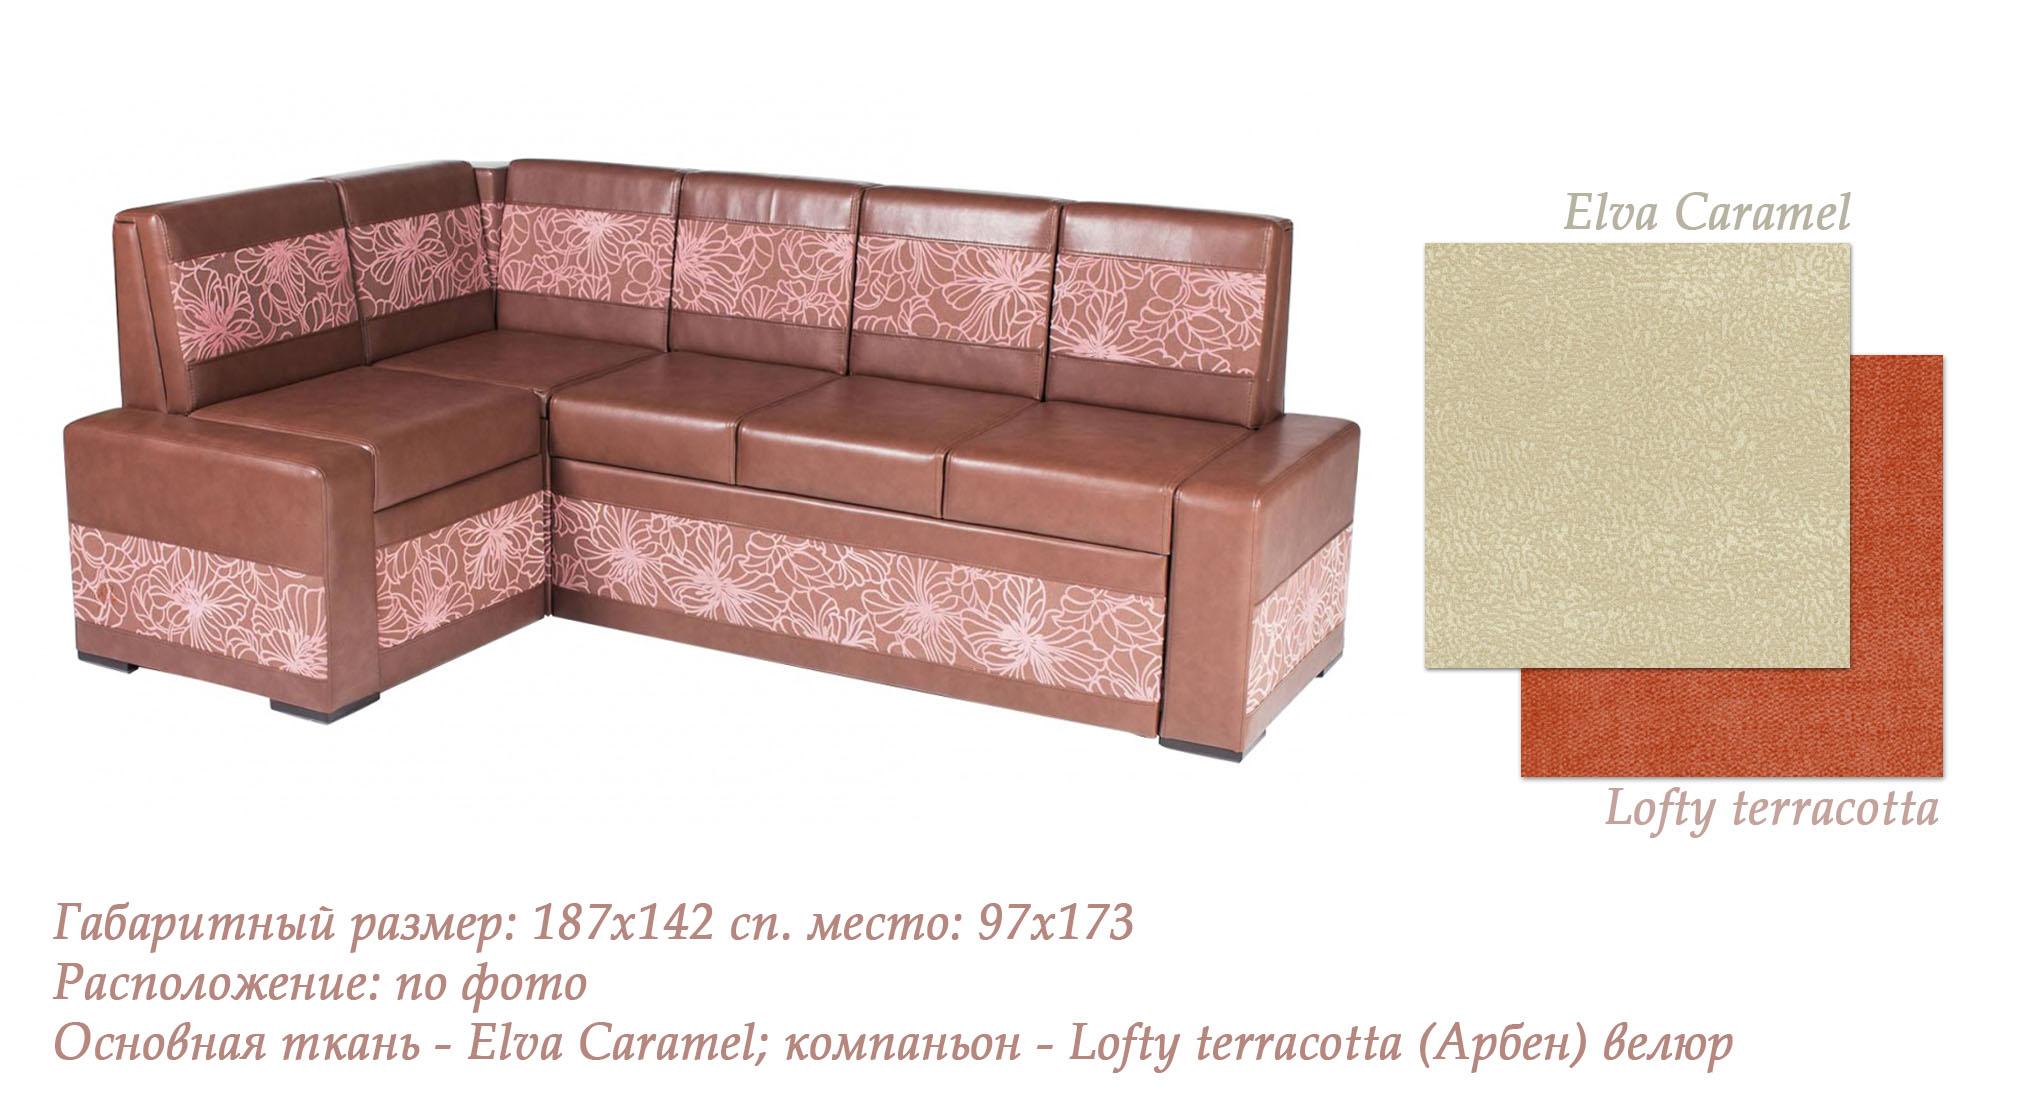 Кухонный угловой диван Остин-М-Elva кухонный угловой диван гамбург cometa